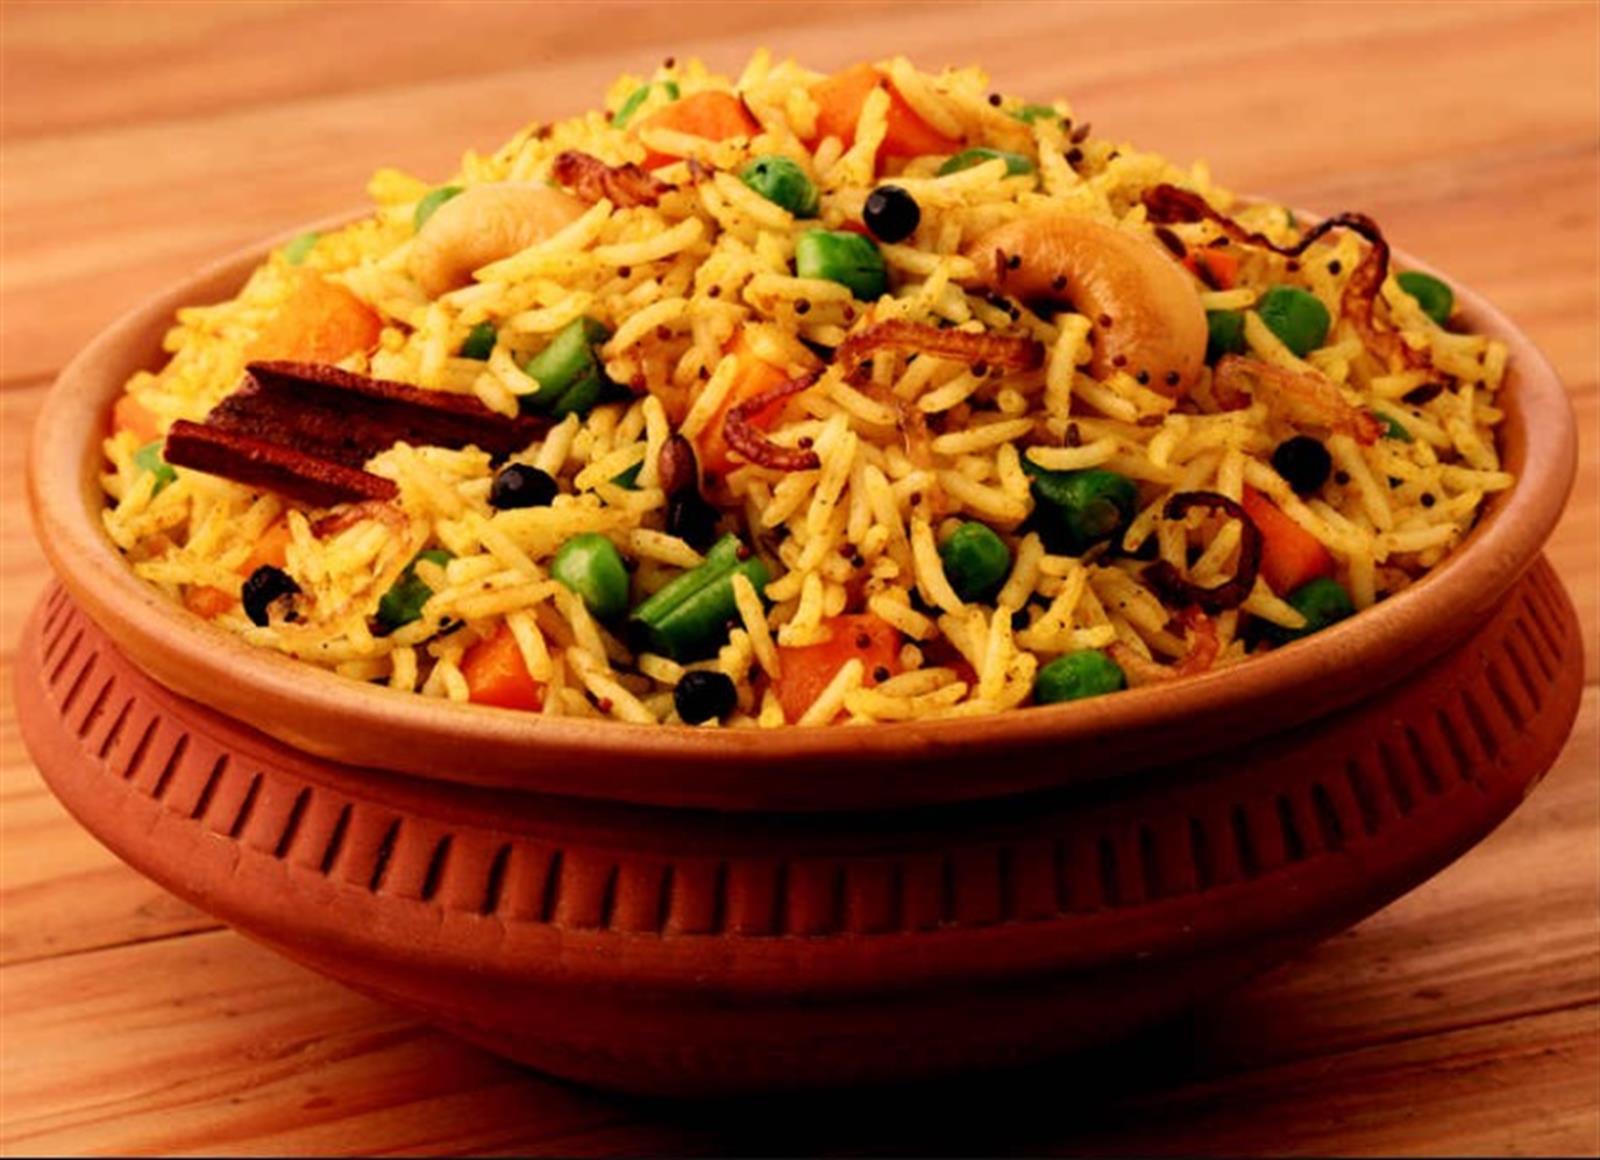 Restaurant indien nepal bars cuisine indienne editus - Cuisine indienne biryani ...